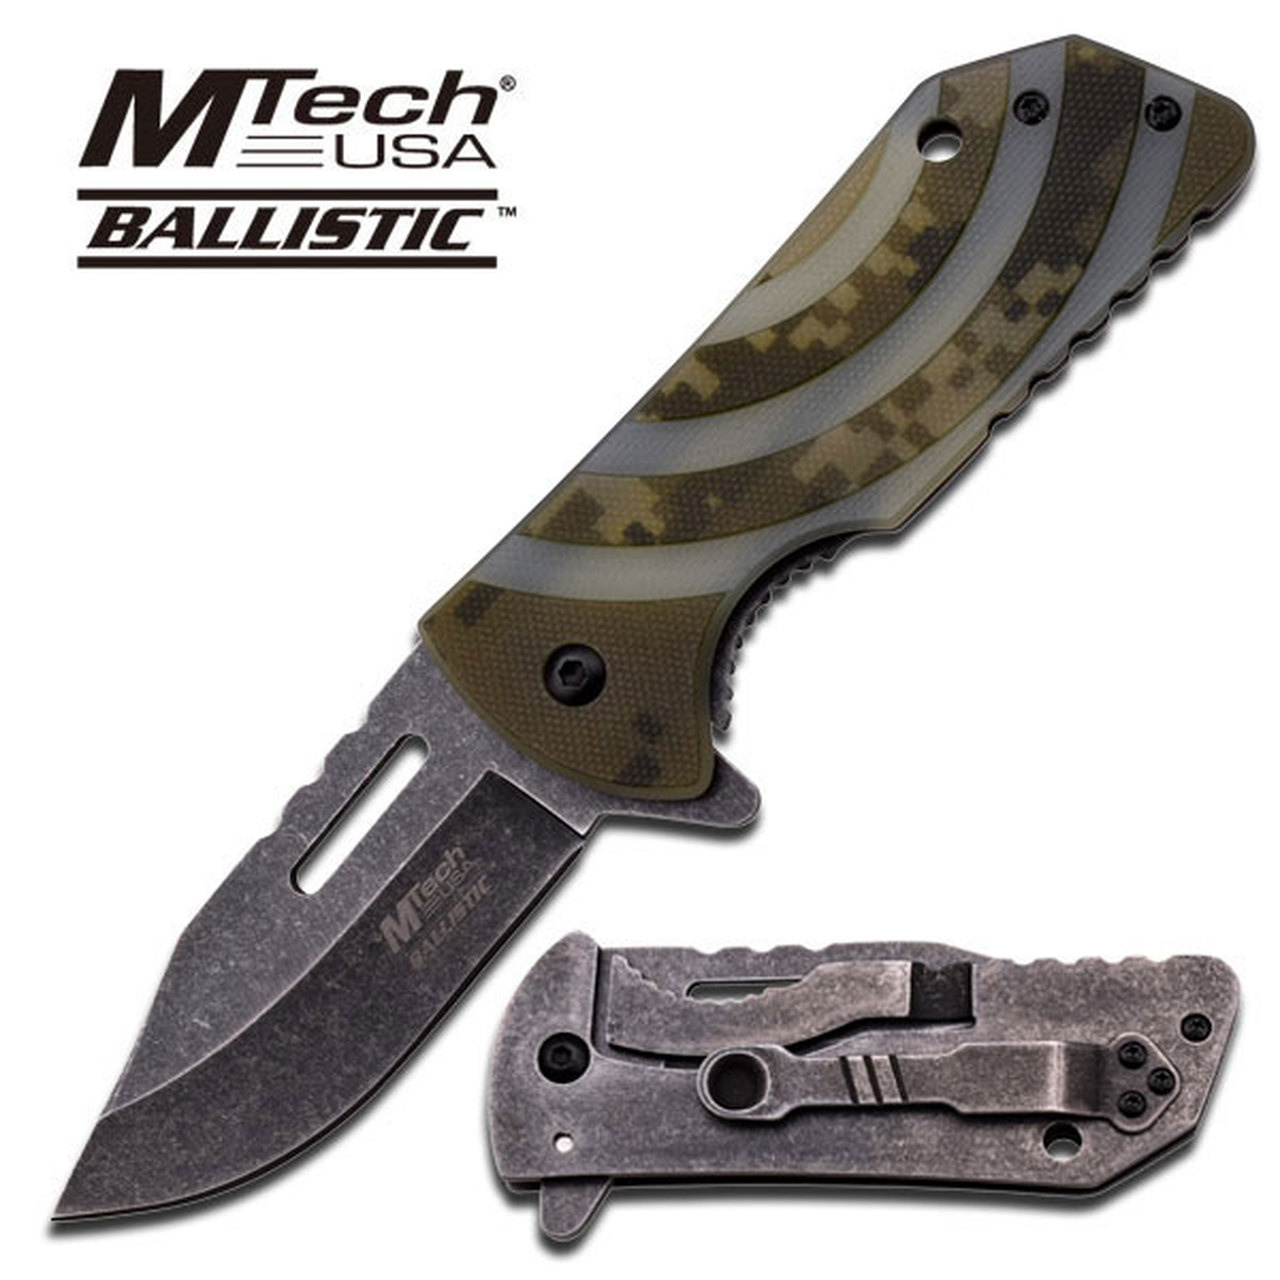 MTech Ballistic MTA850DG